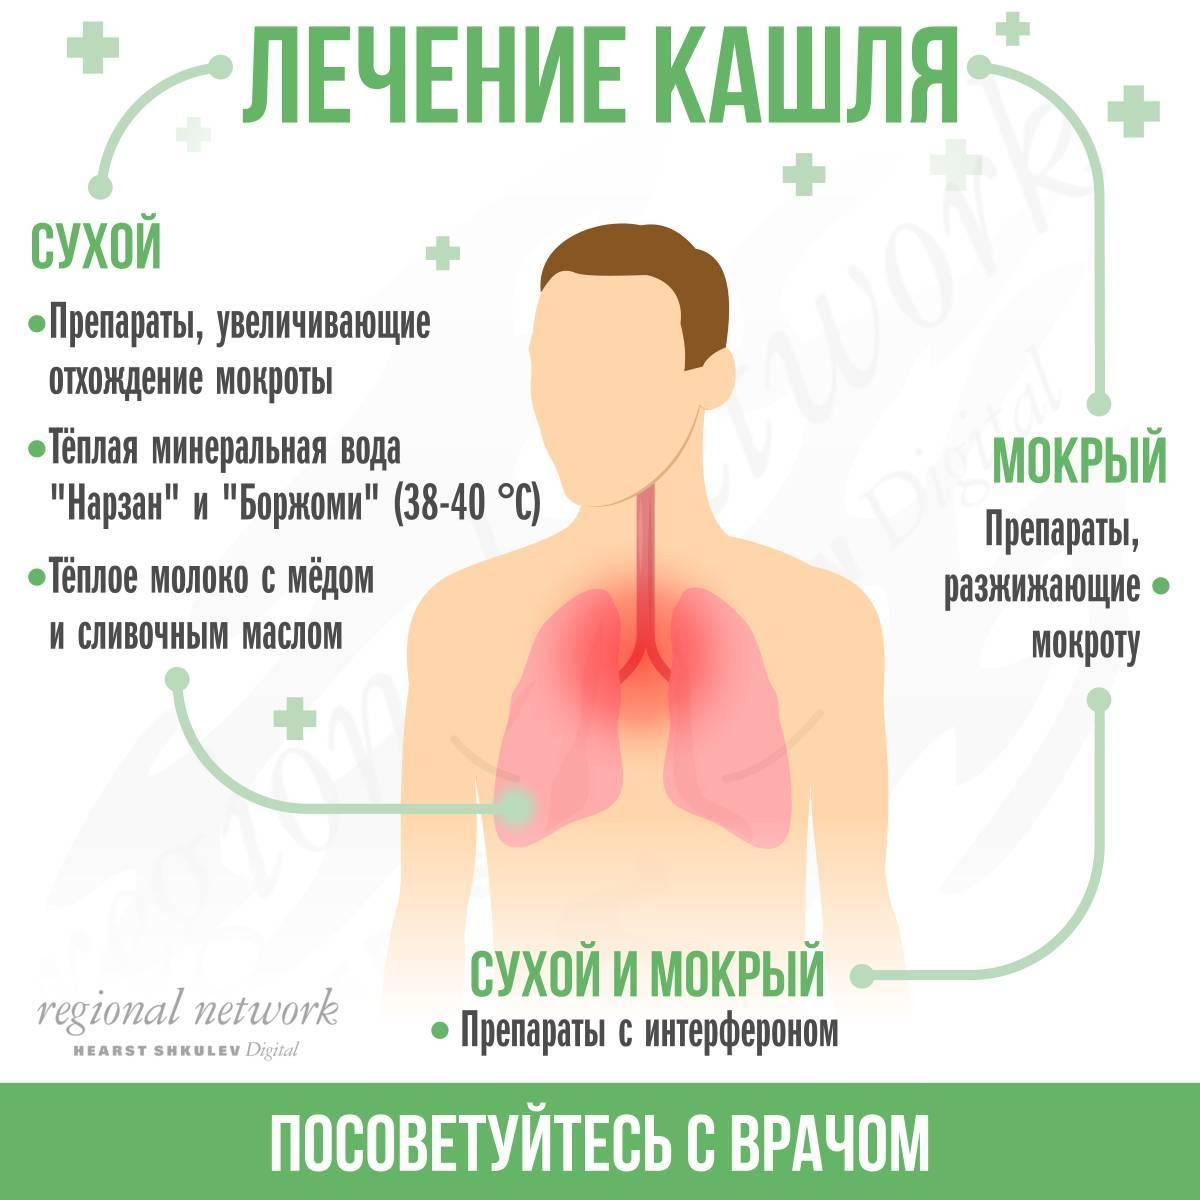 Можно ли пить алкоголь при боли в горле и ангине?